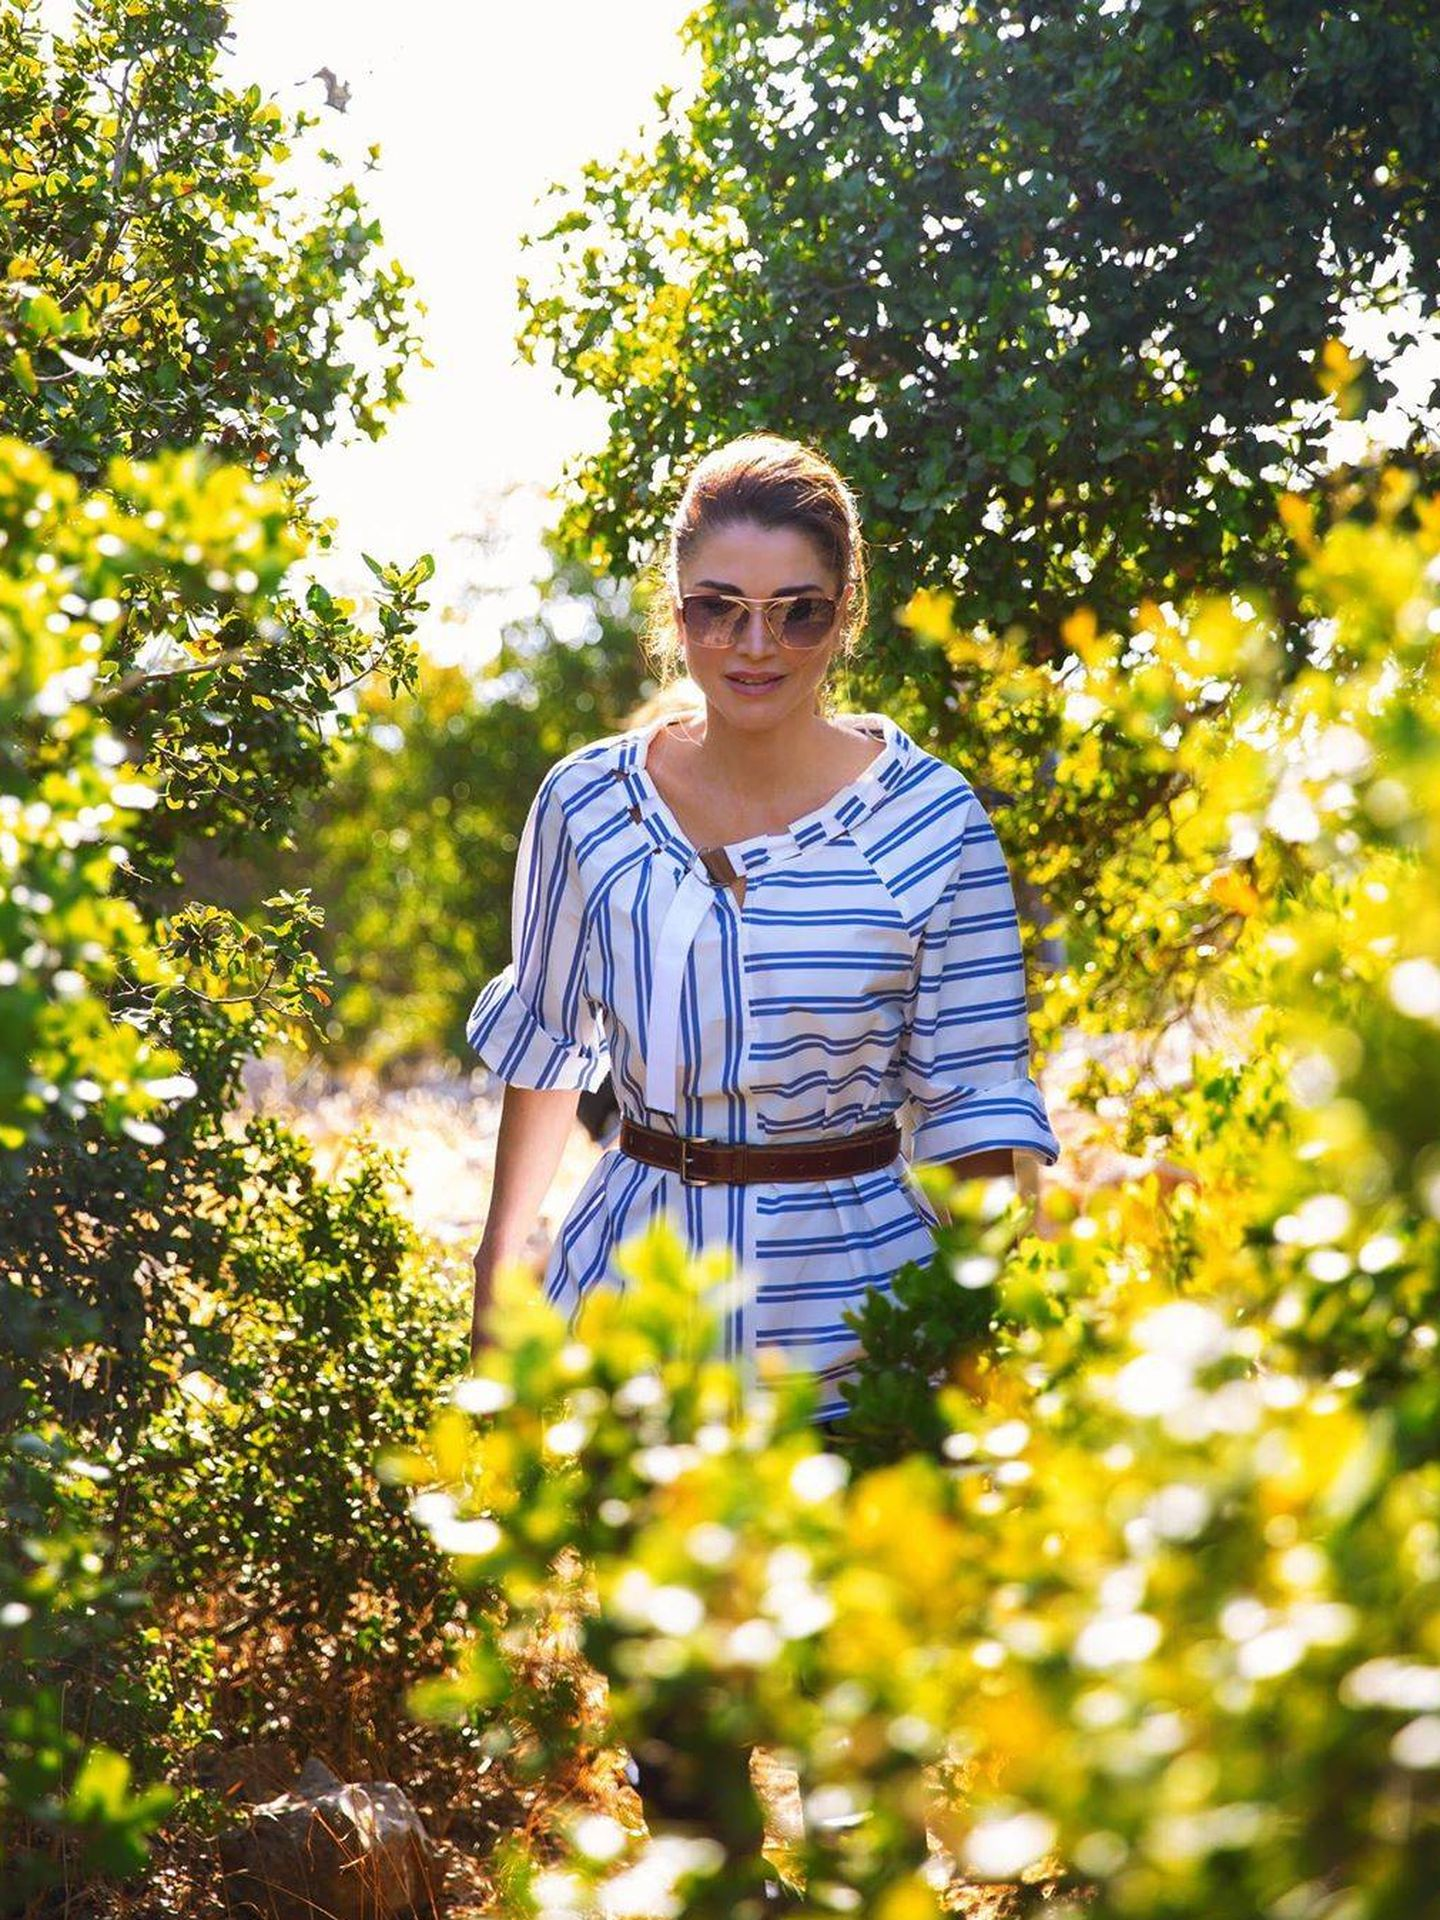 Rania de Jordania y su nueva blusa. (Instagram @queenrania)